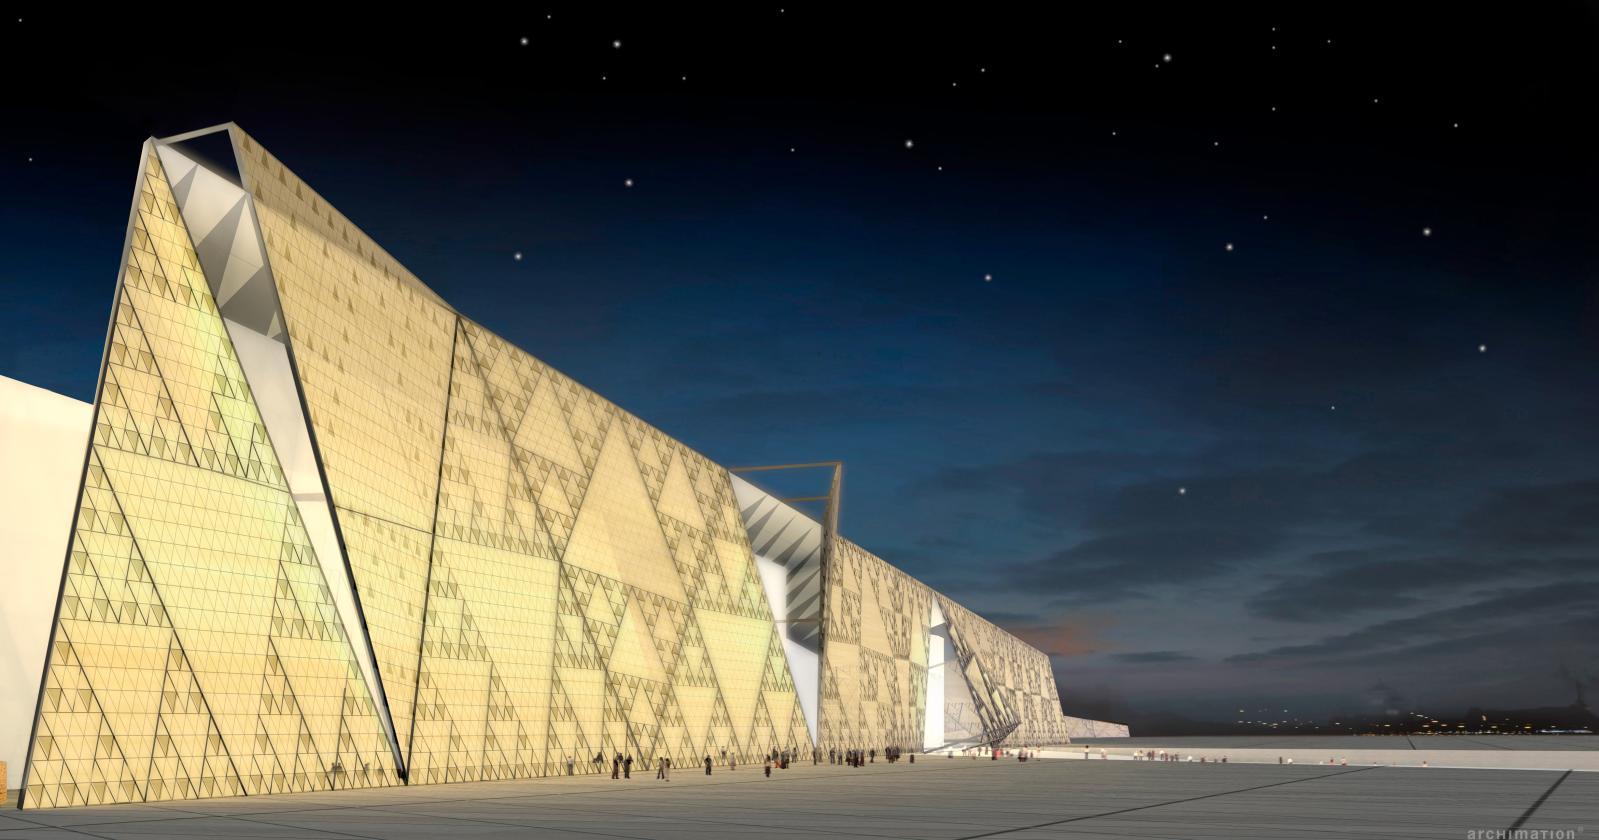 Simulation 3D de la façade du grand musée égyptien, animé de triangles évoquant les pyramides, reprenant une formule mathématique: le triangle de Sie